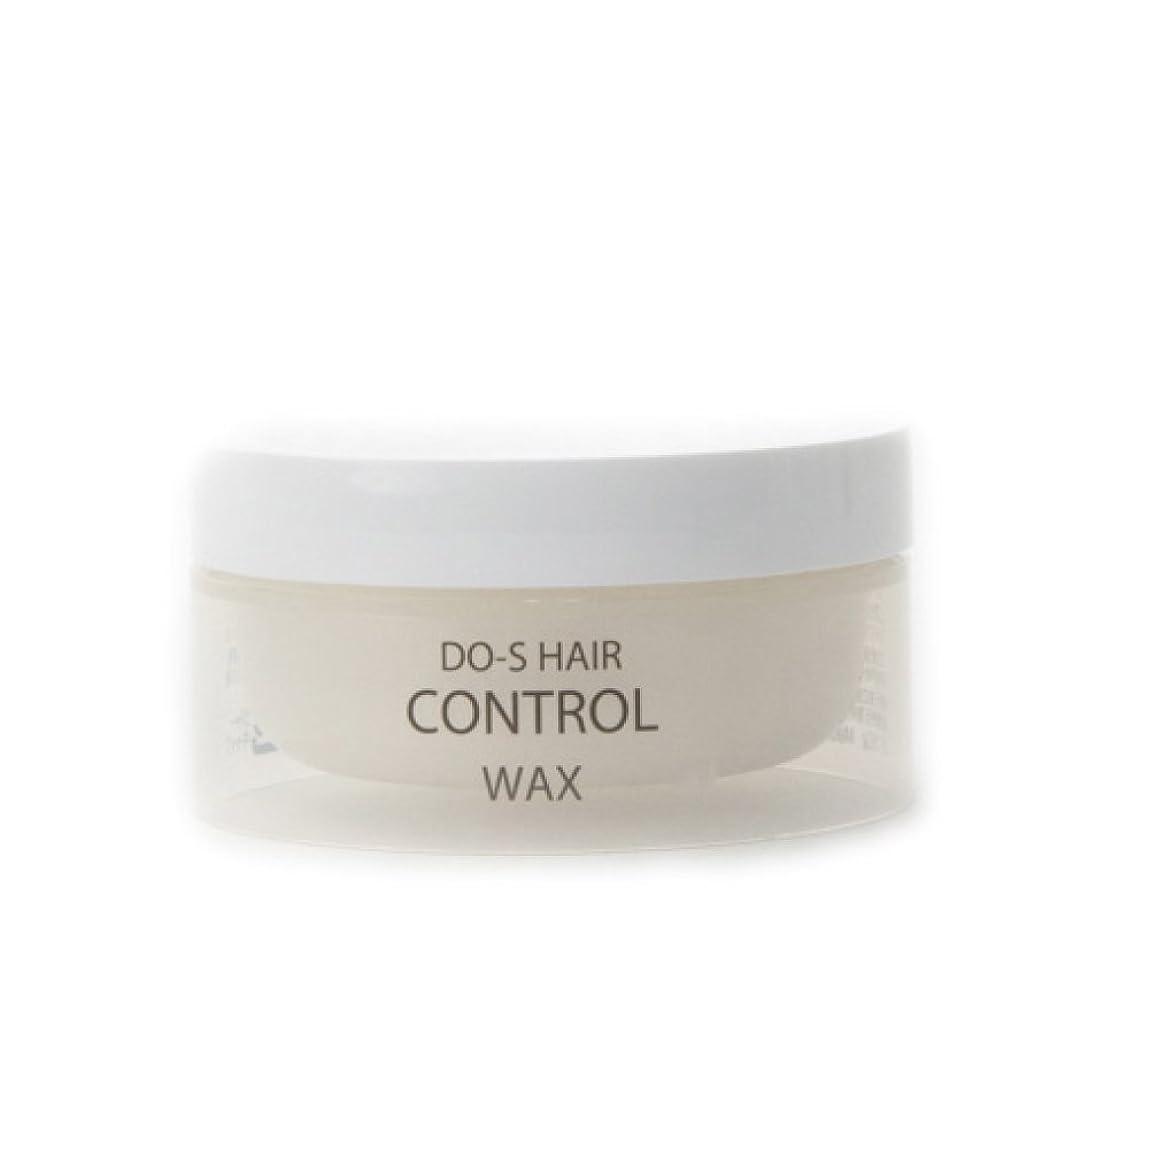 満たす不従順反対にDO-S HAIR CONTROL ワックス 50g